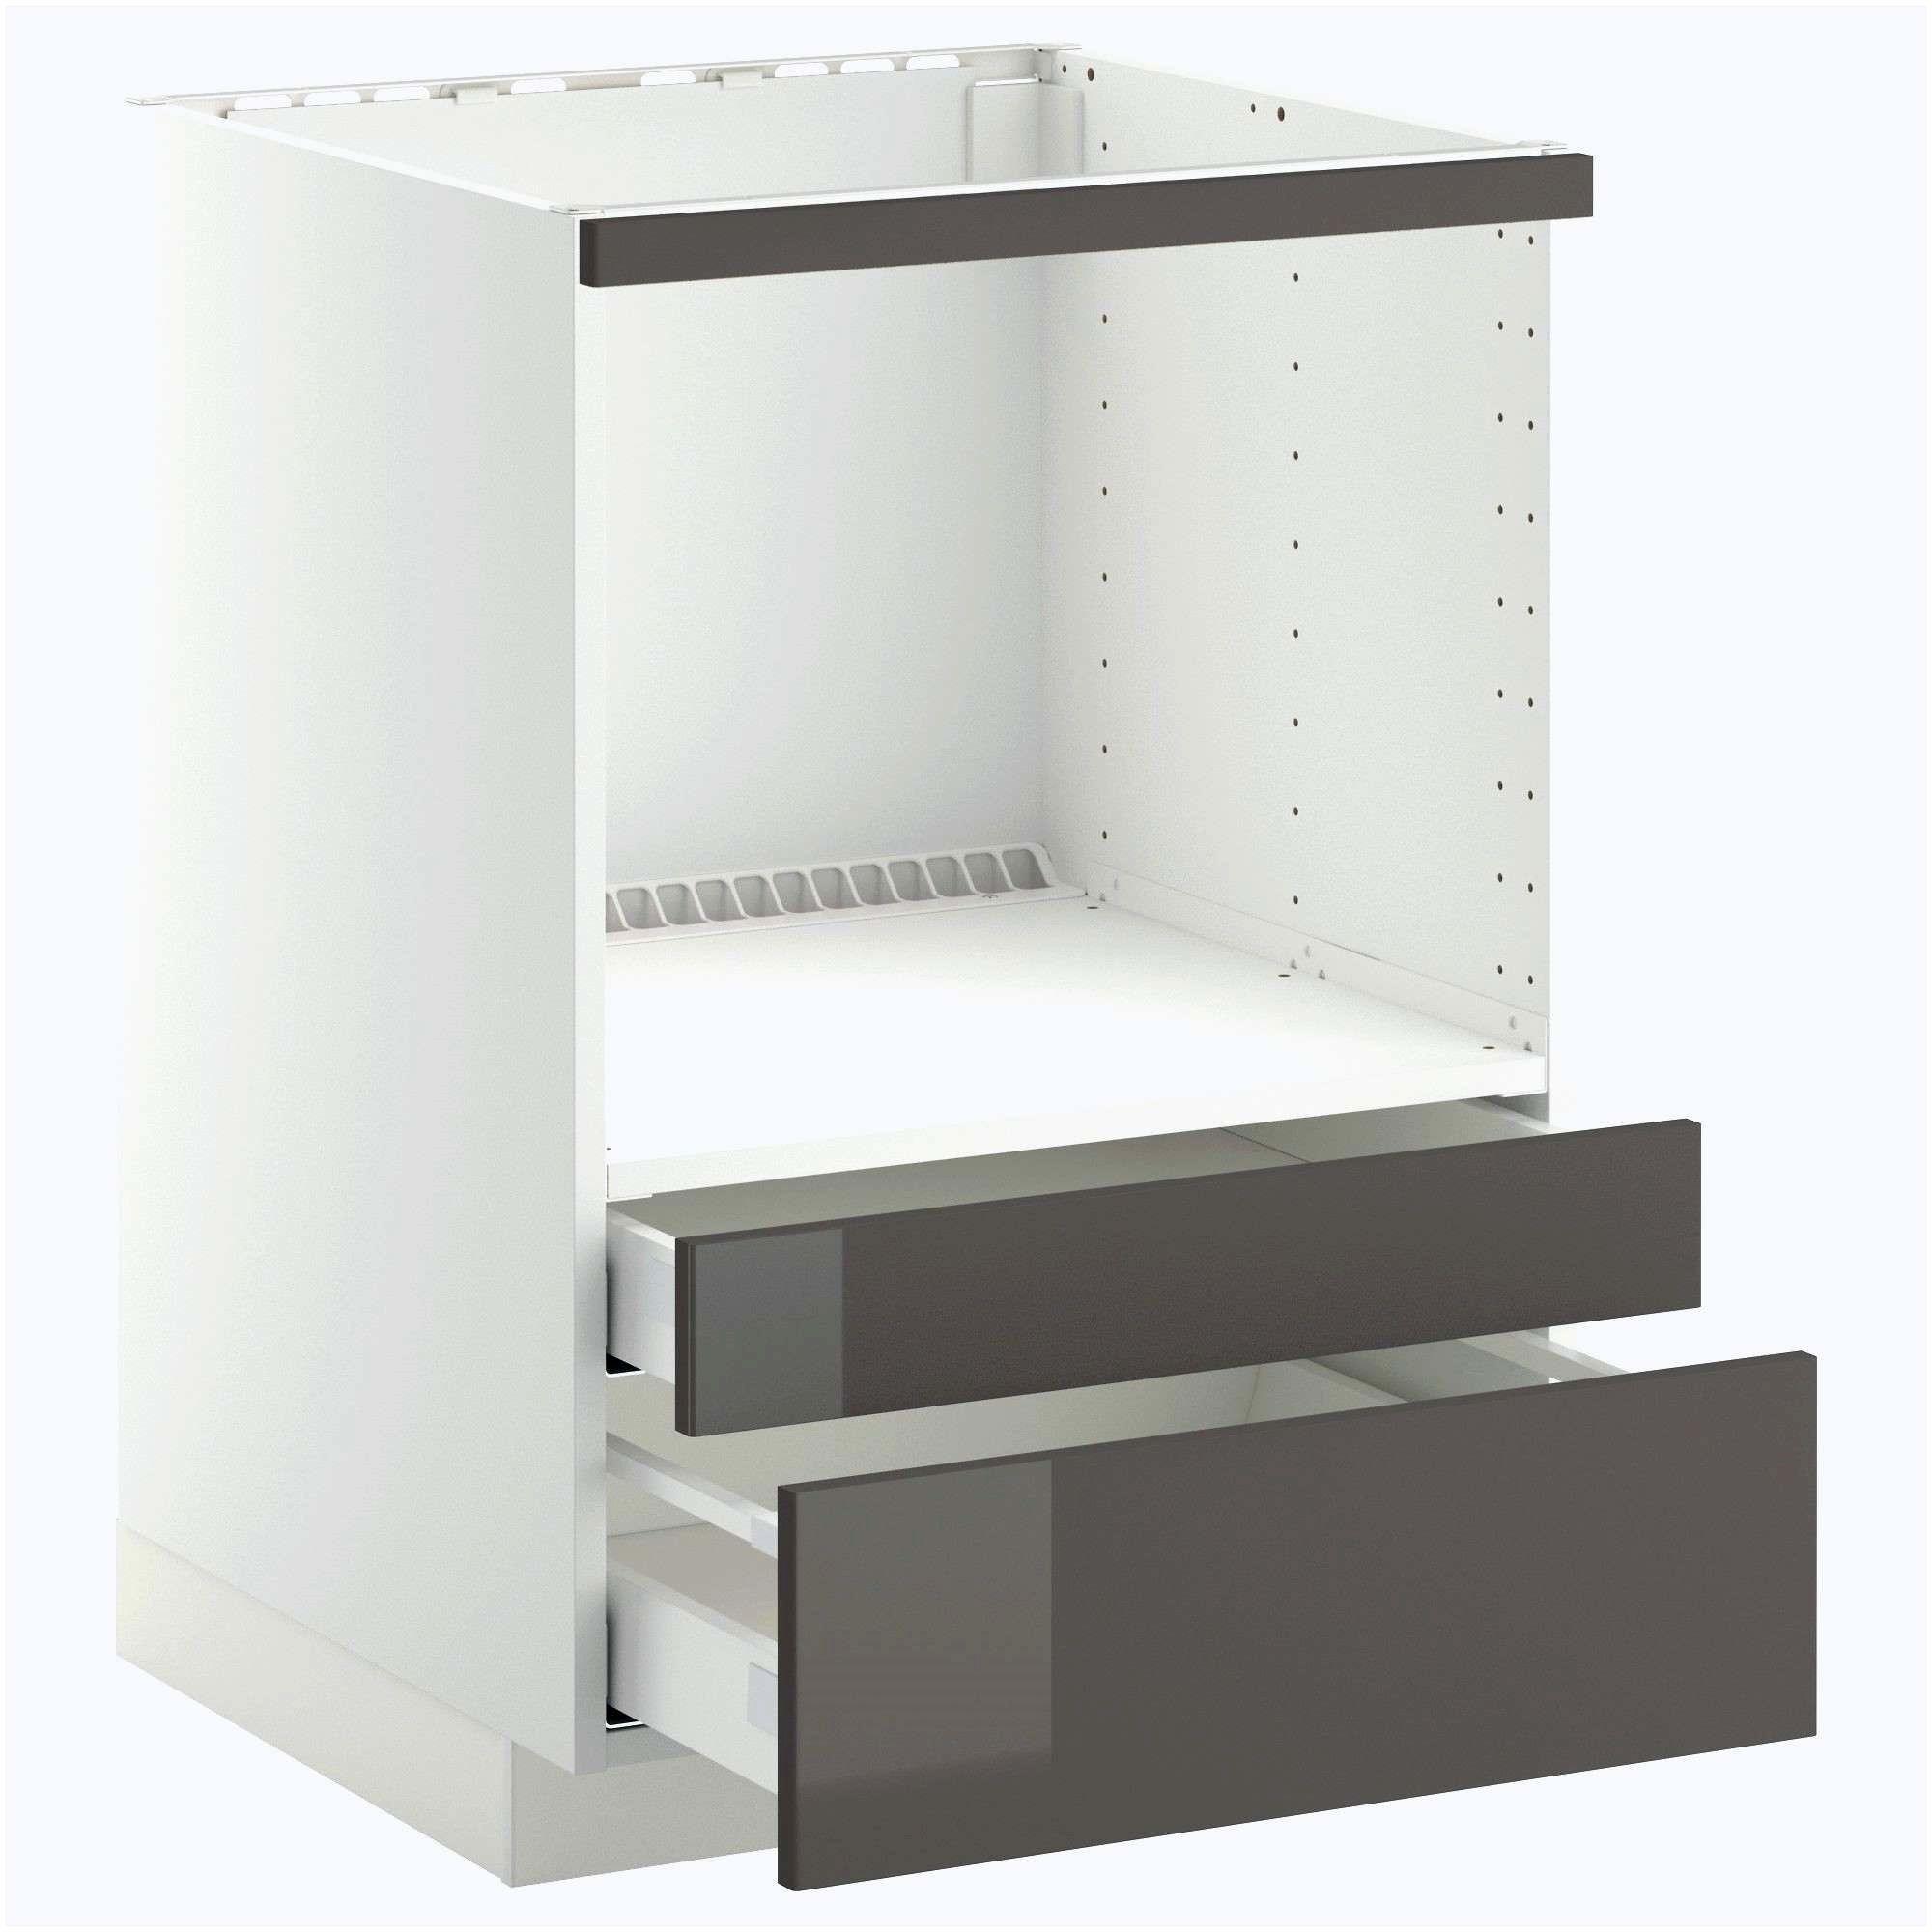 Meuble Sous Plaque Four Ikea Épinglé par papicha minoucha sur cuisine en 2020 | meuble